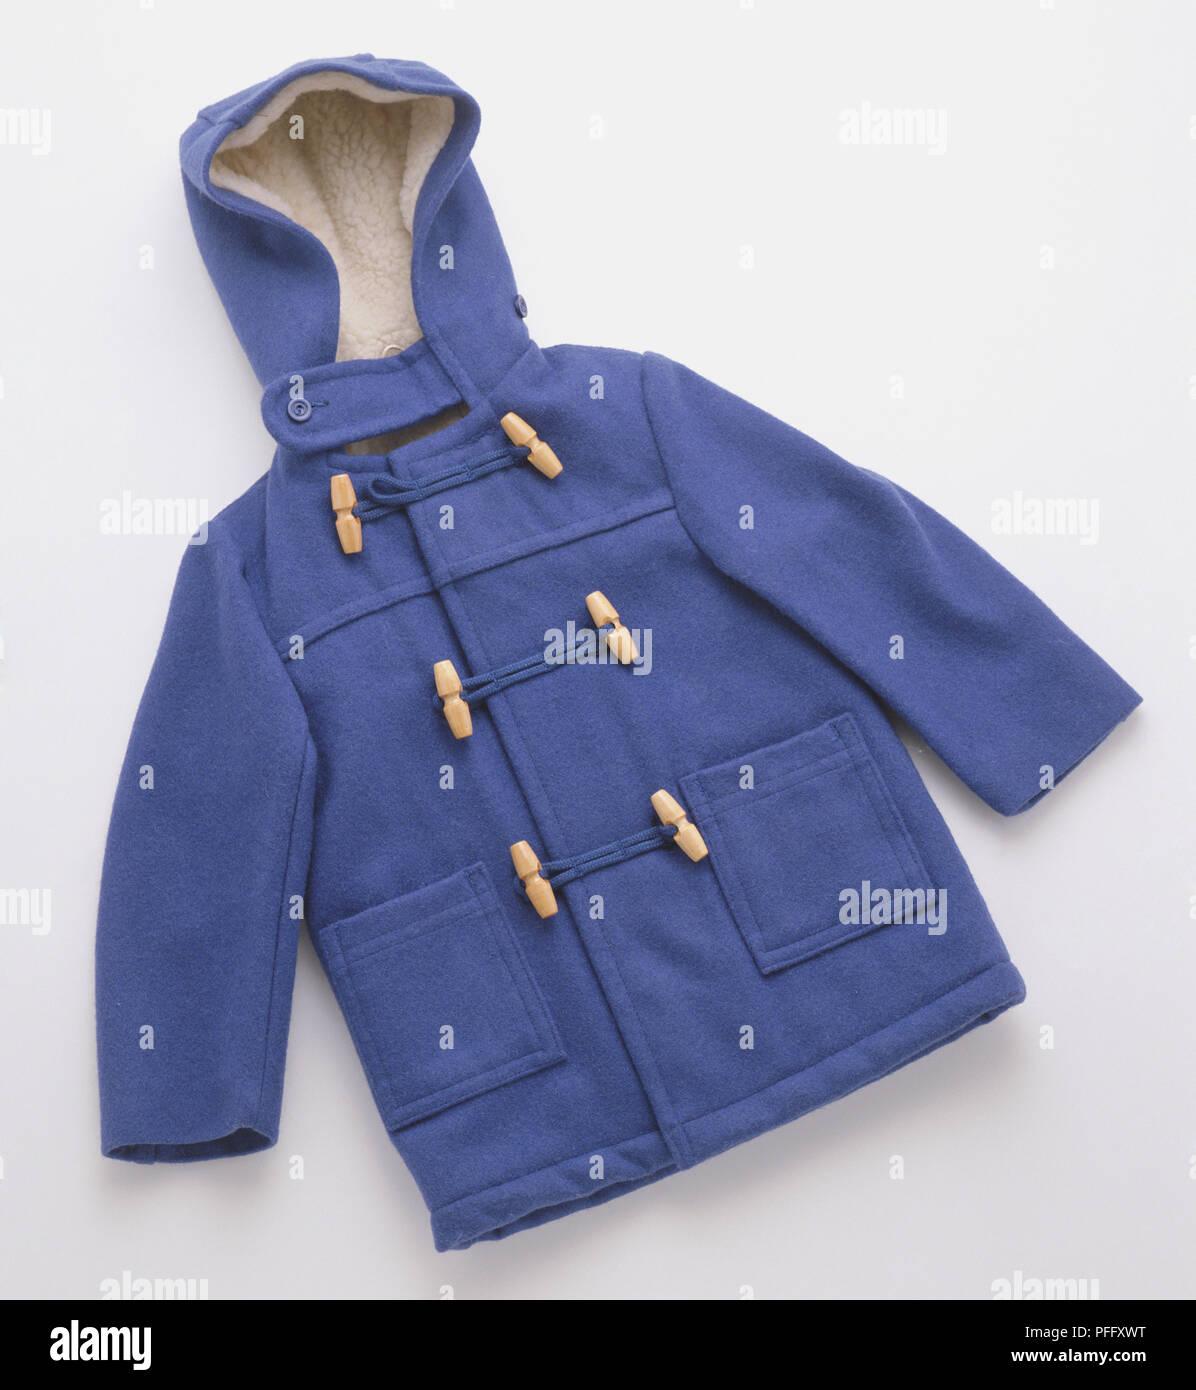 Un azul duffle coat. Imagen De Stock